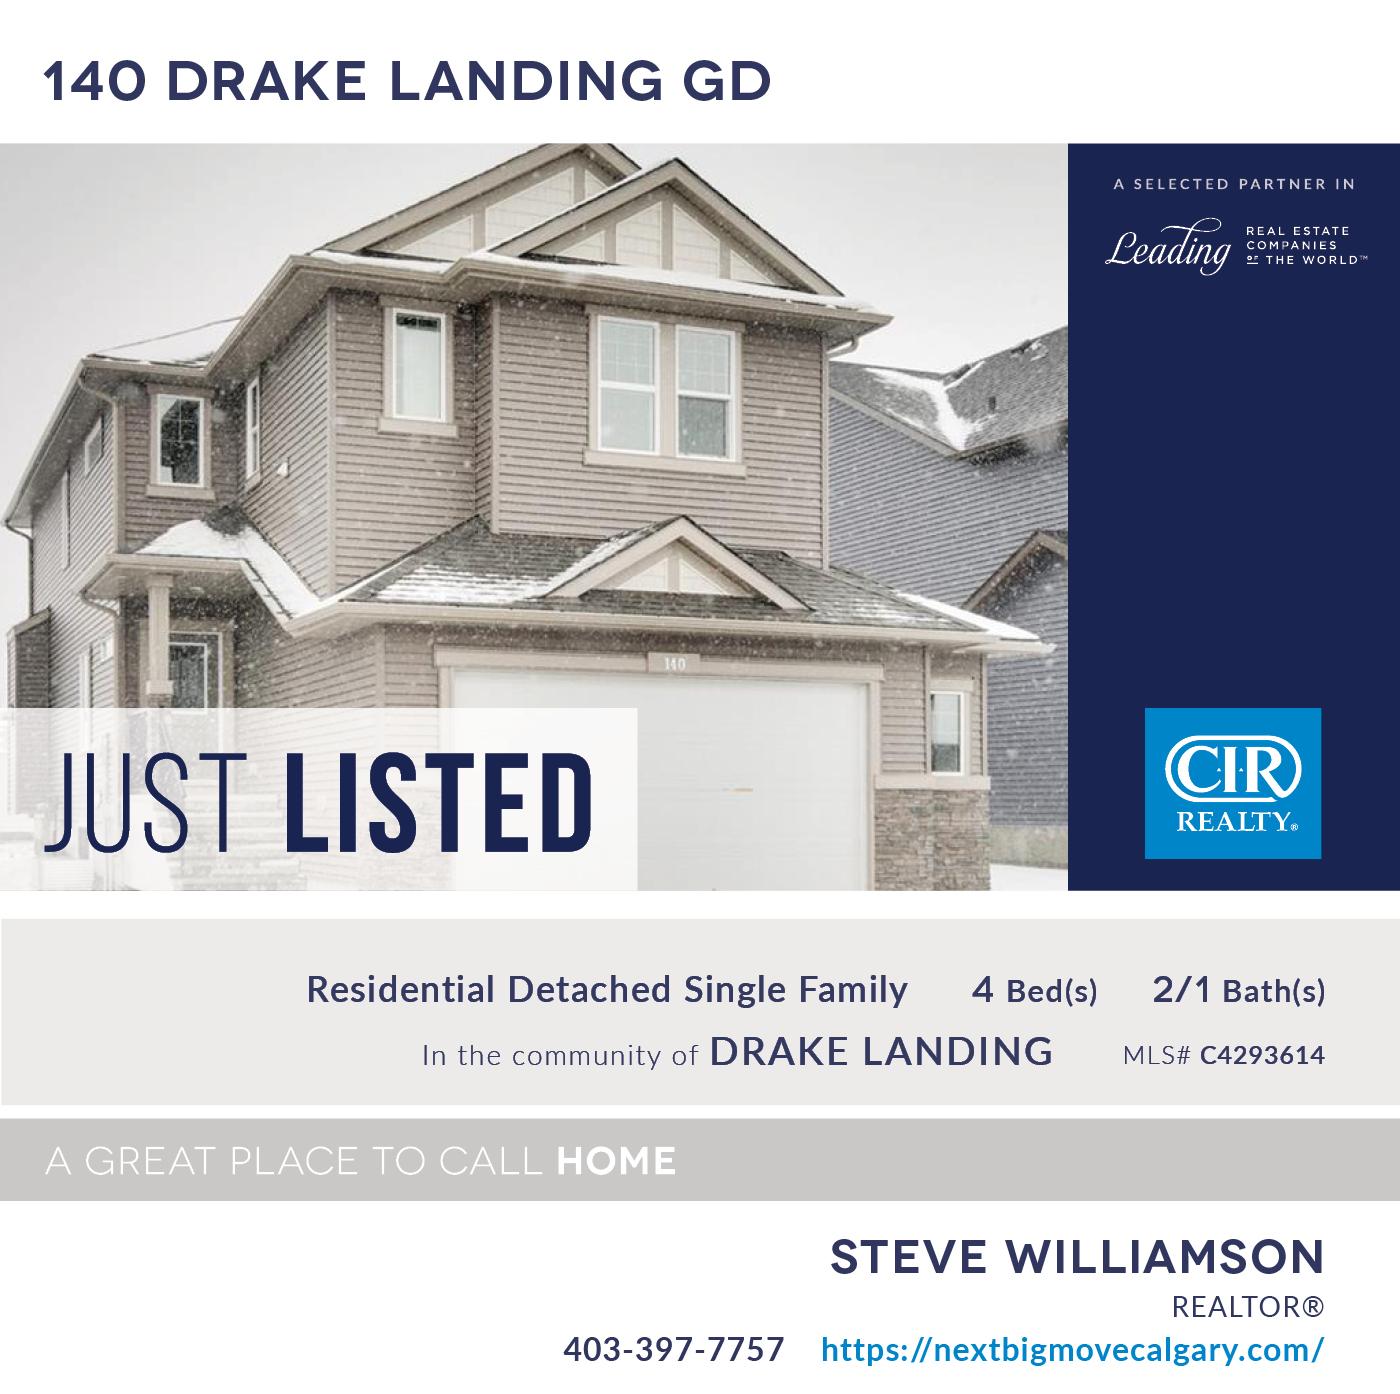 Just Listed - 140 Drake Landing Gardens Okotoks